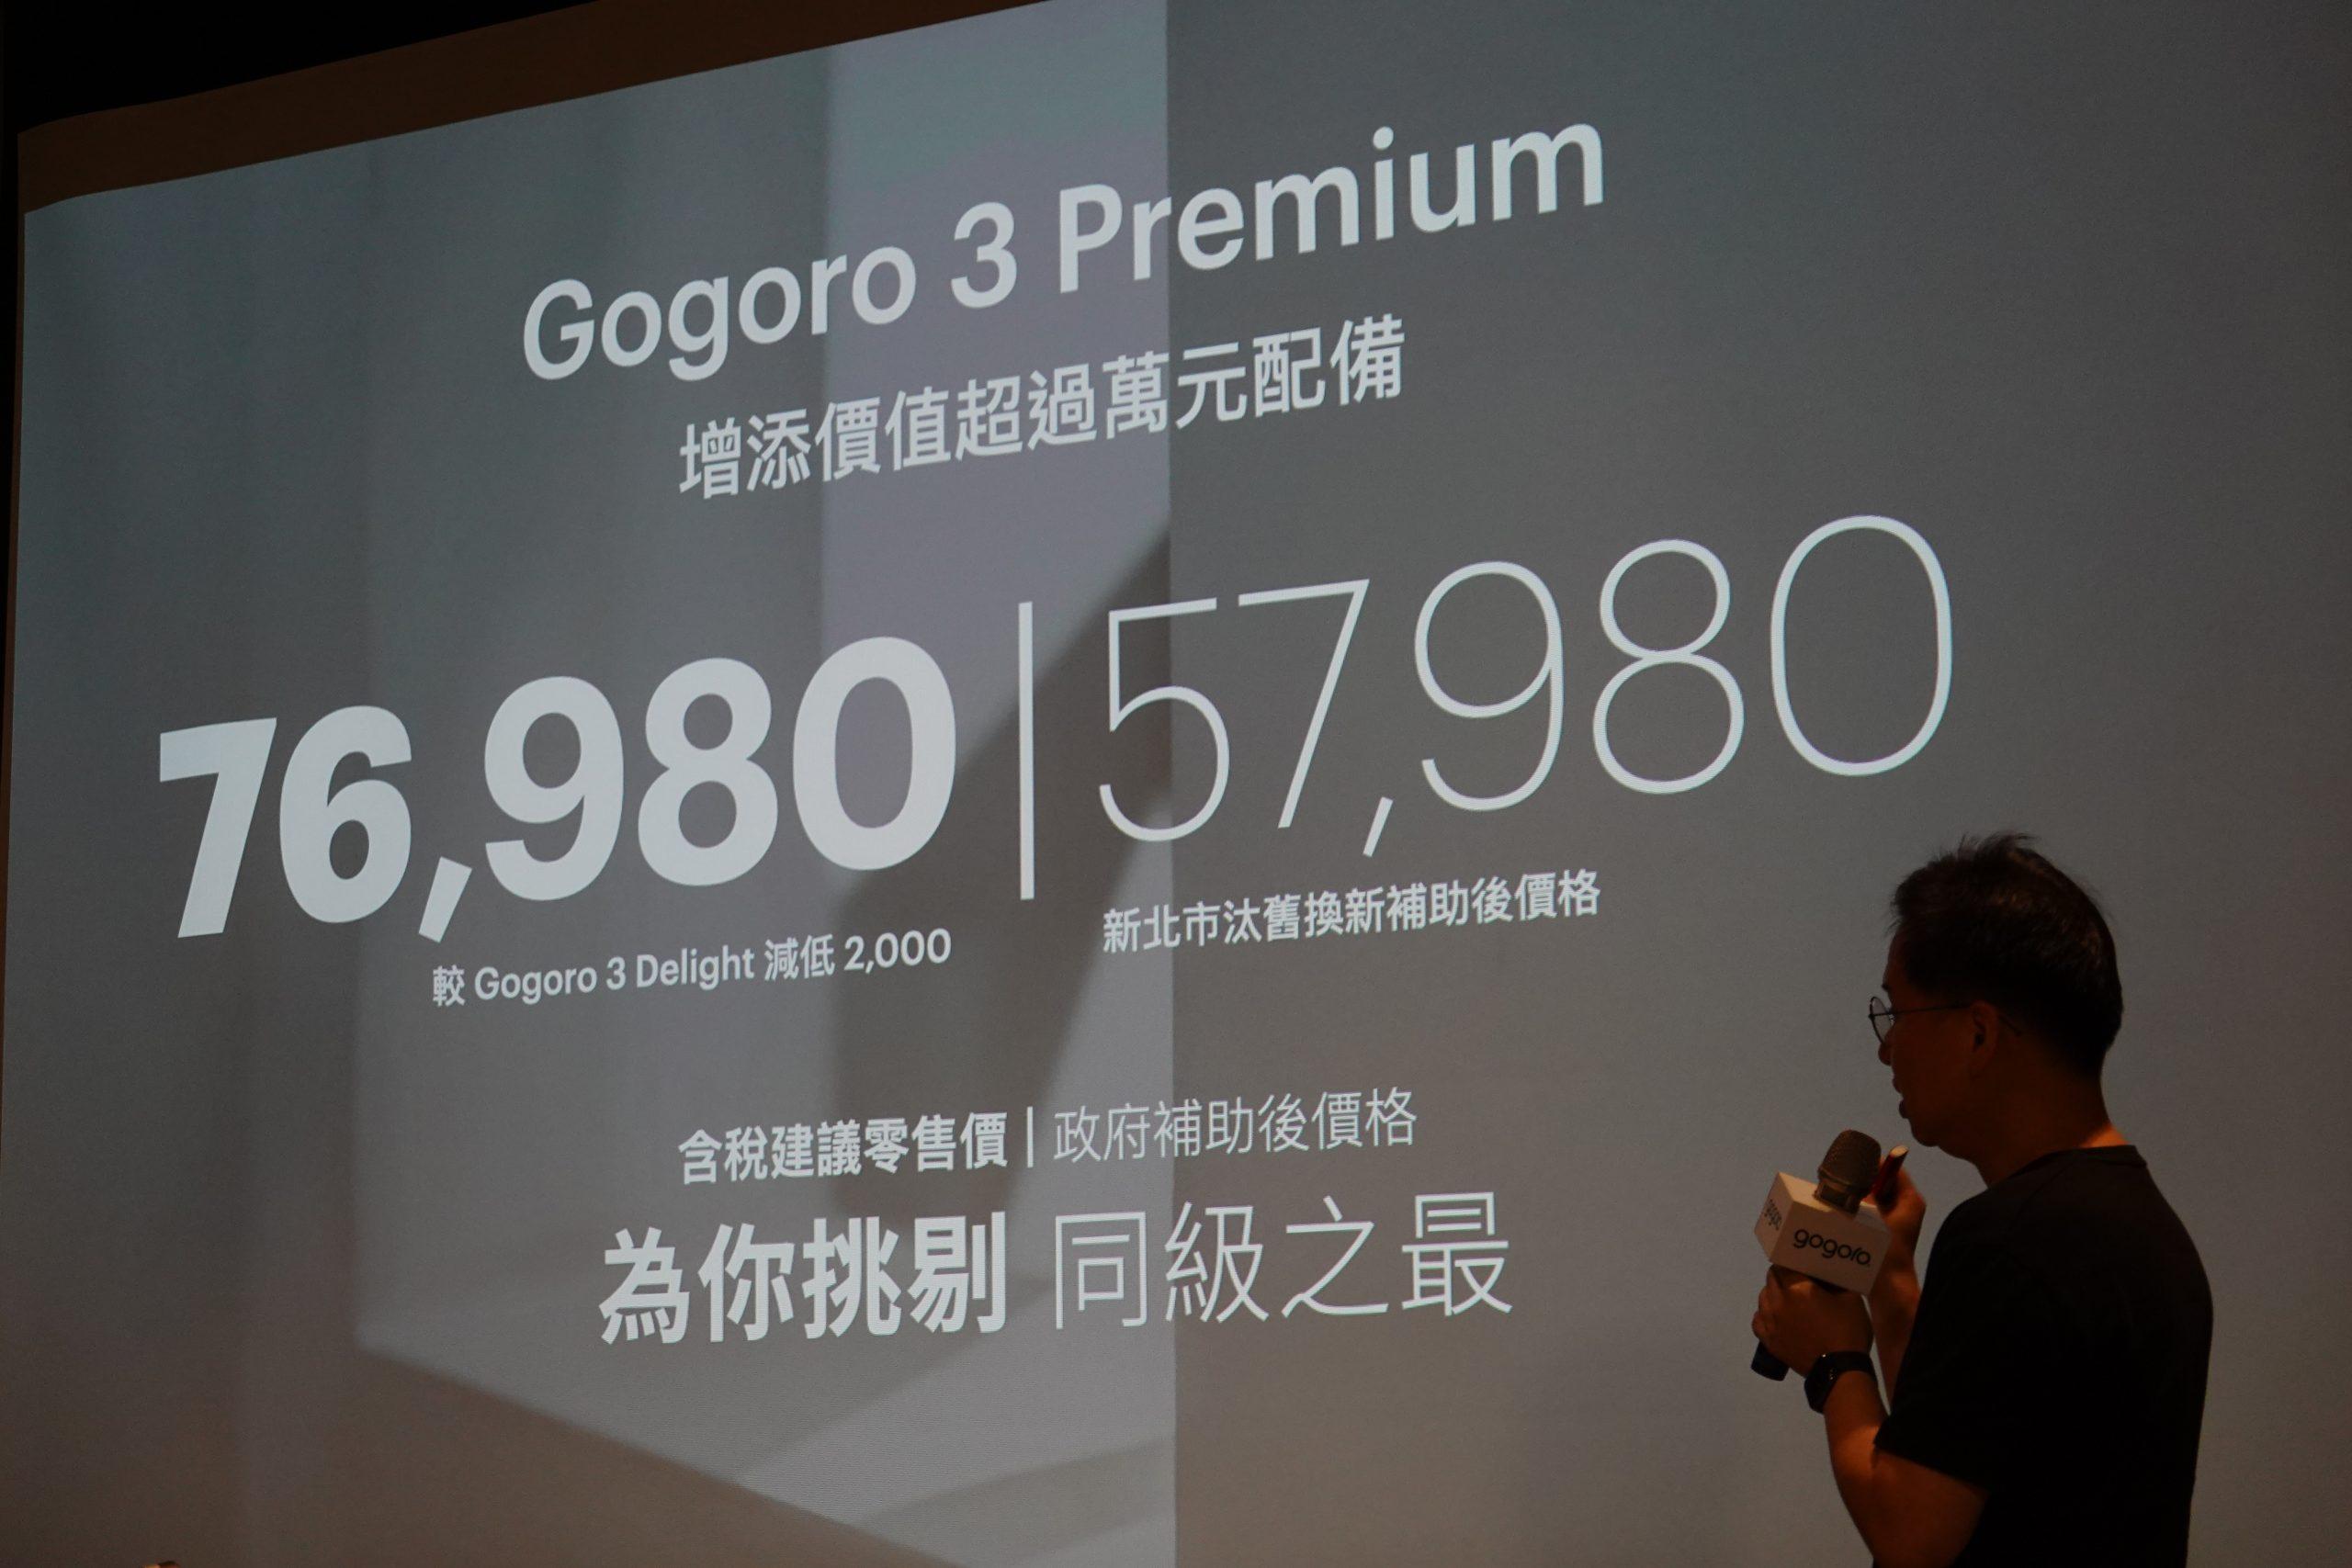 Gogoro 3 Premium